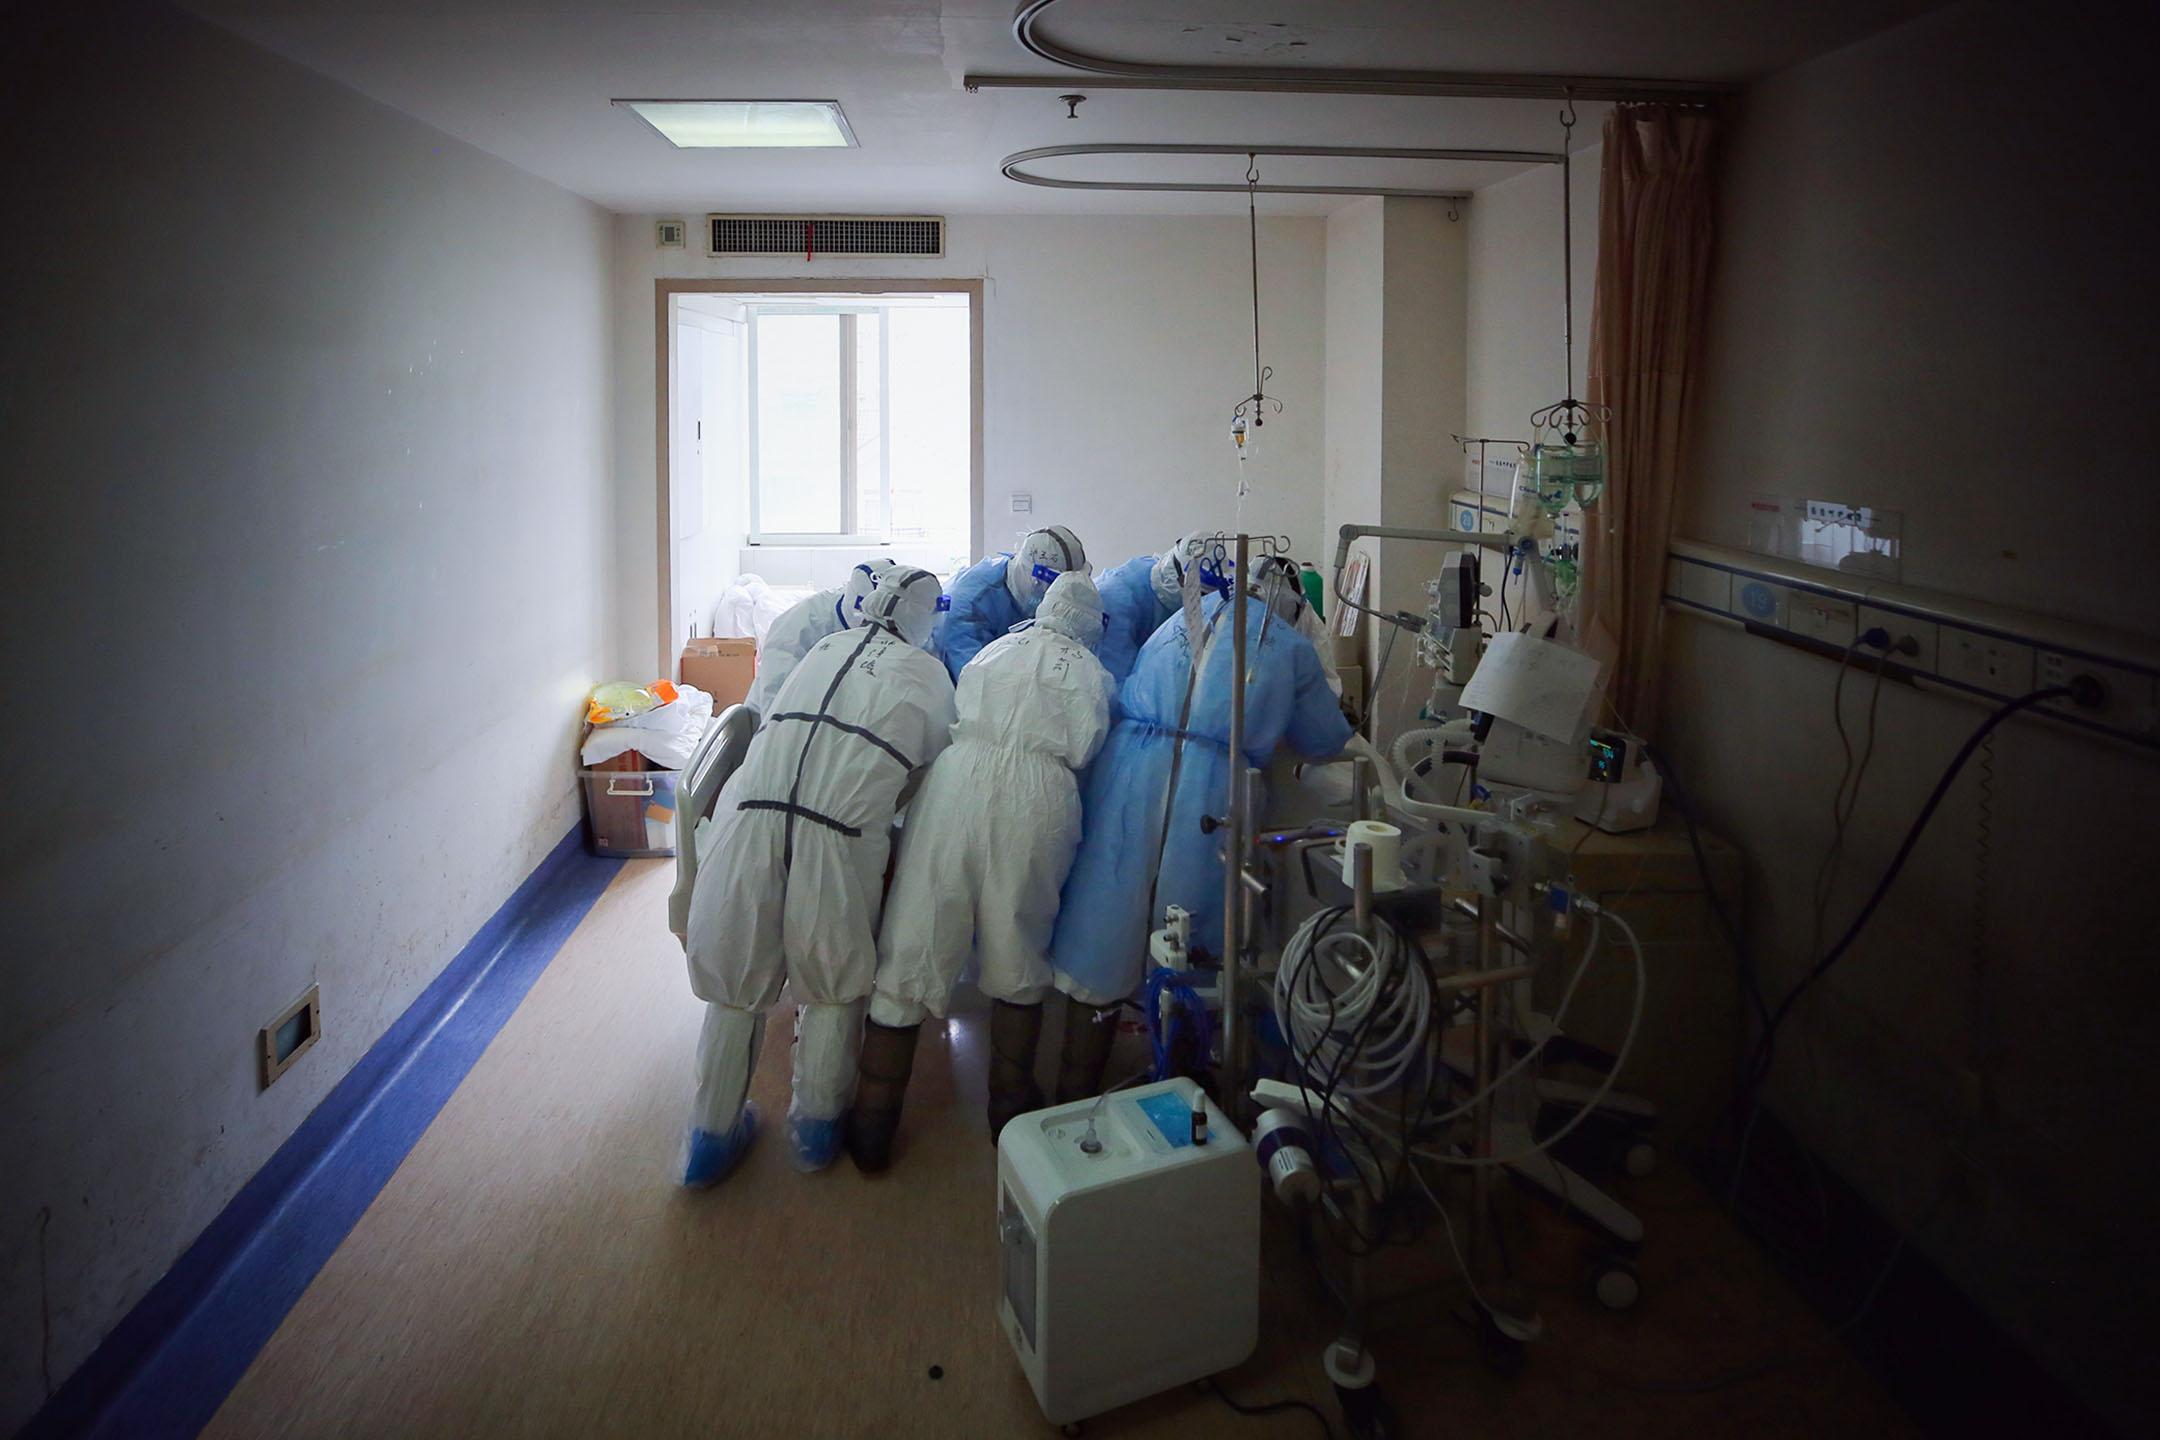 2020年3月11日中國武漢,醫護人員在武漢市的一家醫院治療2019冠狀病毒患者。